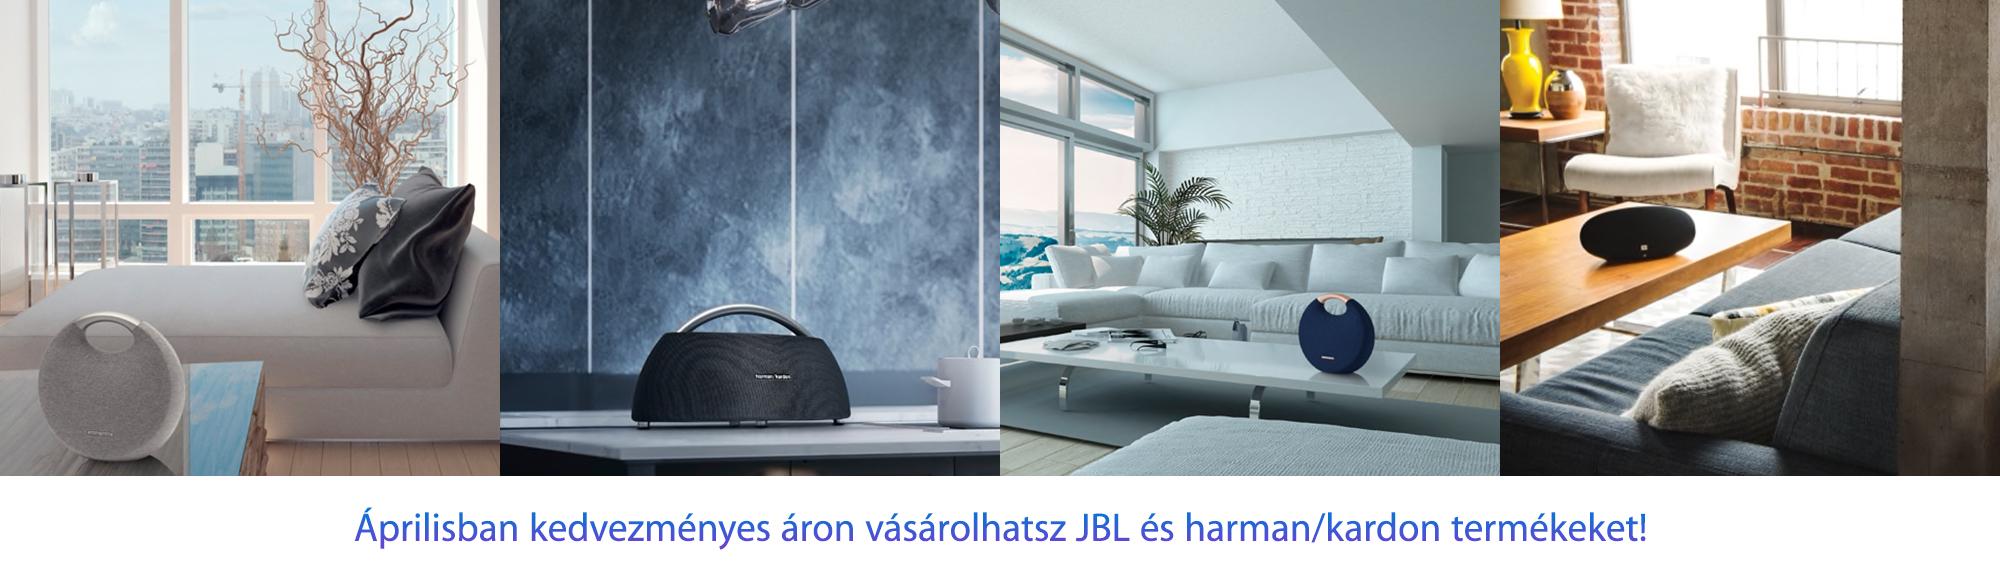 JBL és harman/kardon termékek kedvezményes áron